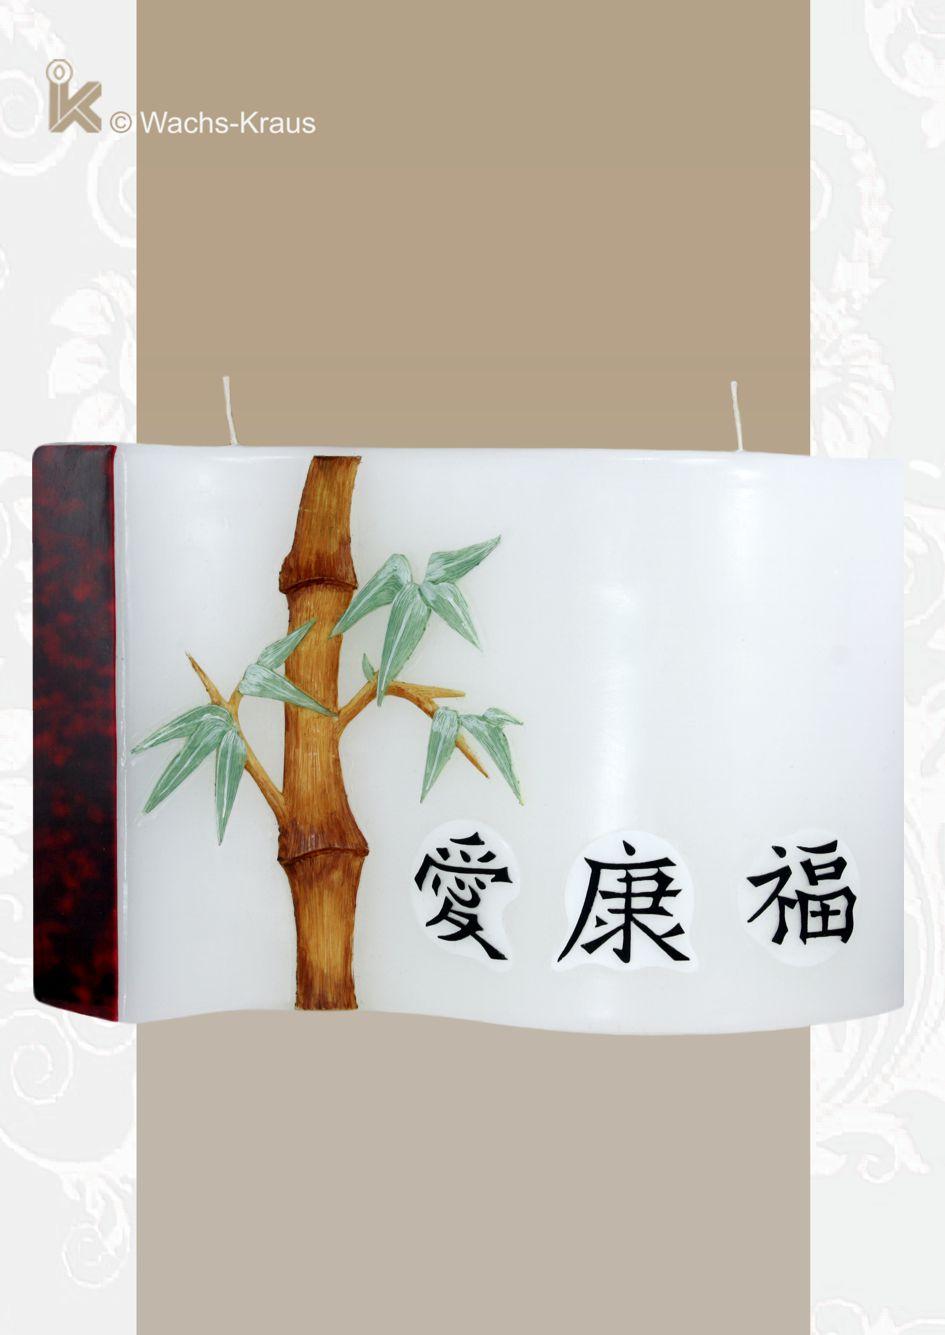 Die Kerze hat eine Wellen-Form. Verziert ist sie mit  aus Wachs gegossenen Bambus, den drei chinesischen Schriftzeichen für Liebe, Glück und Gesundheit.